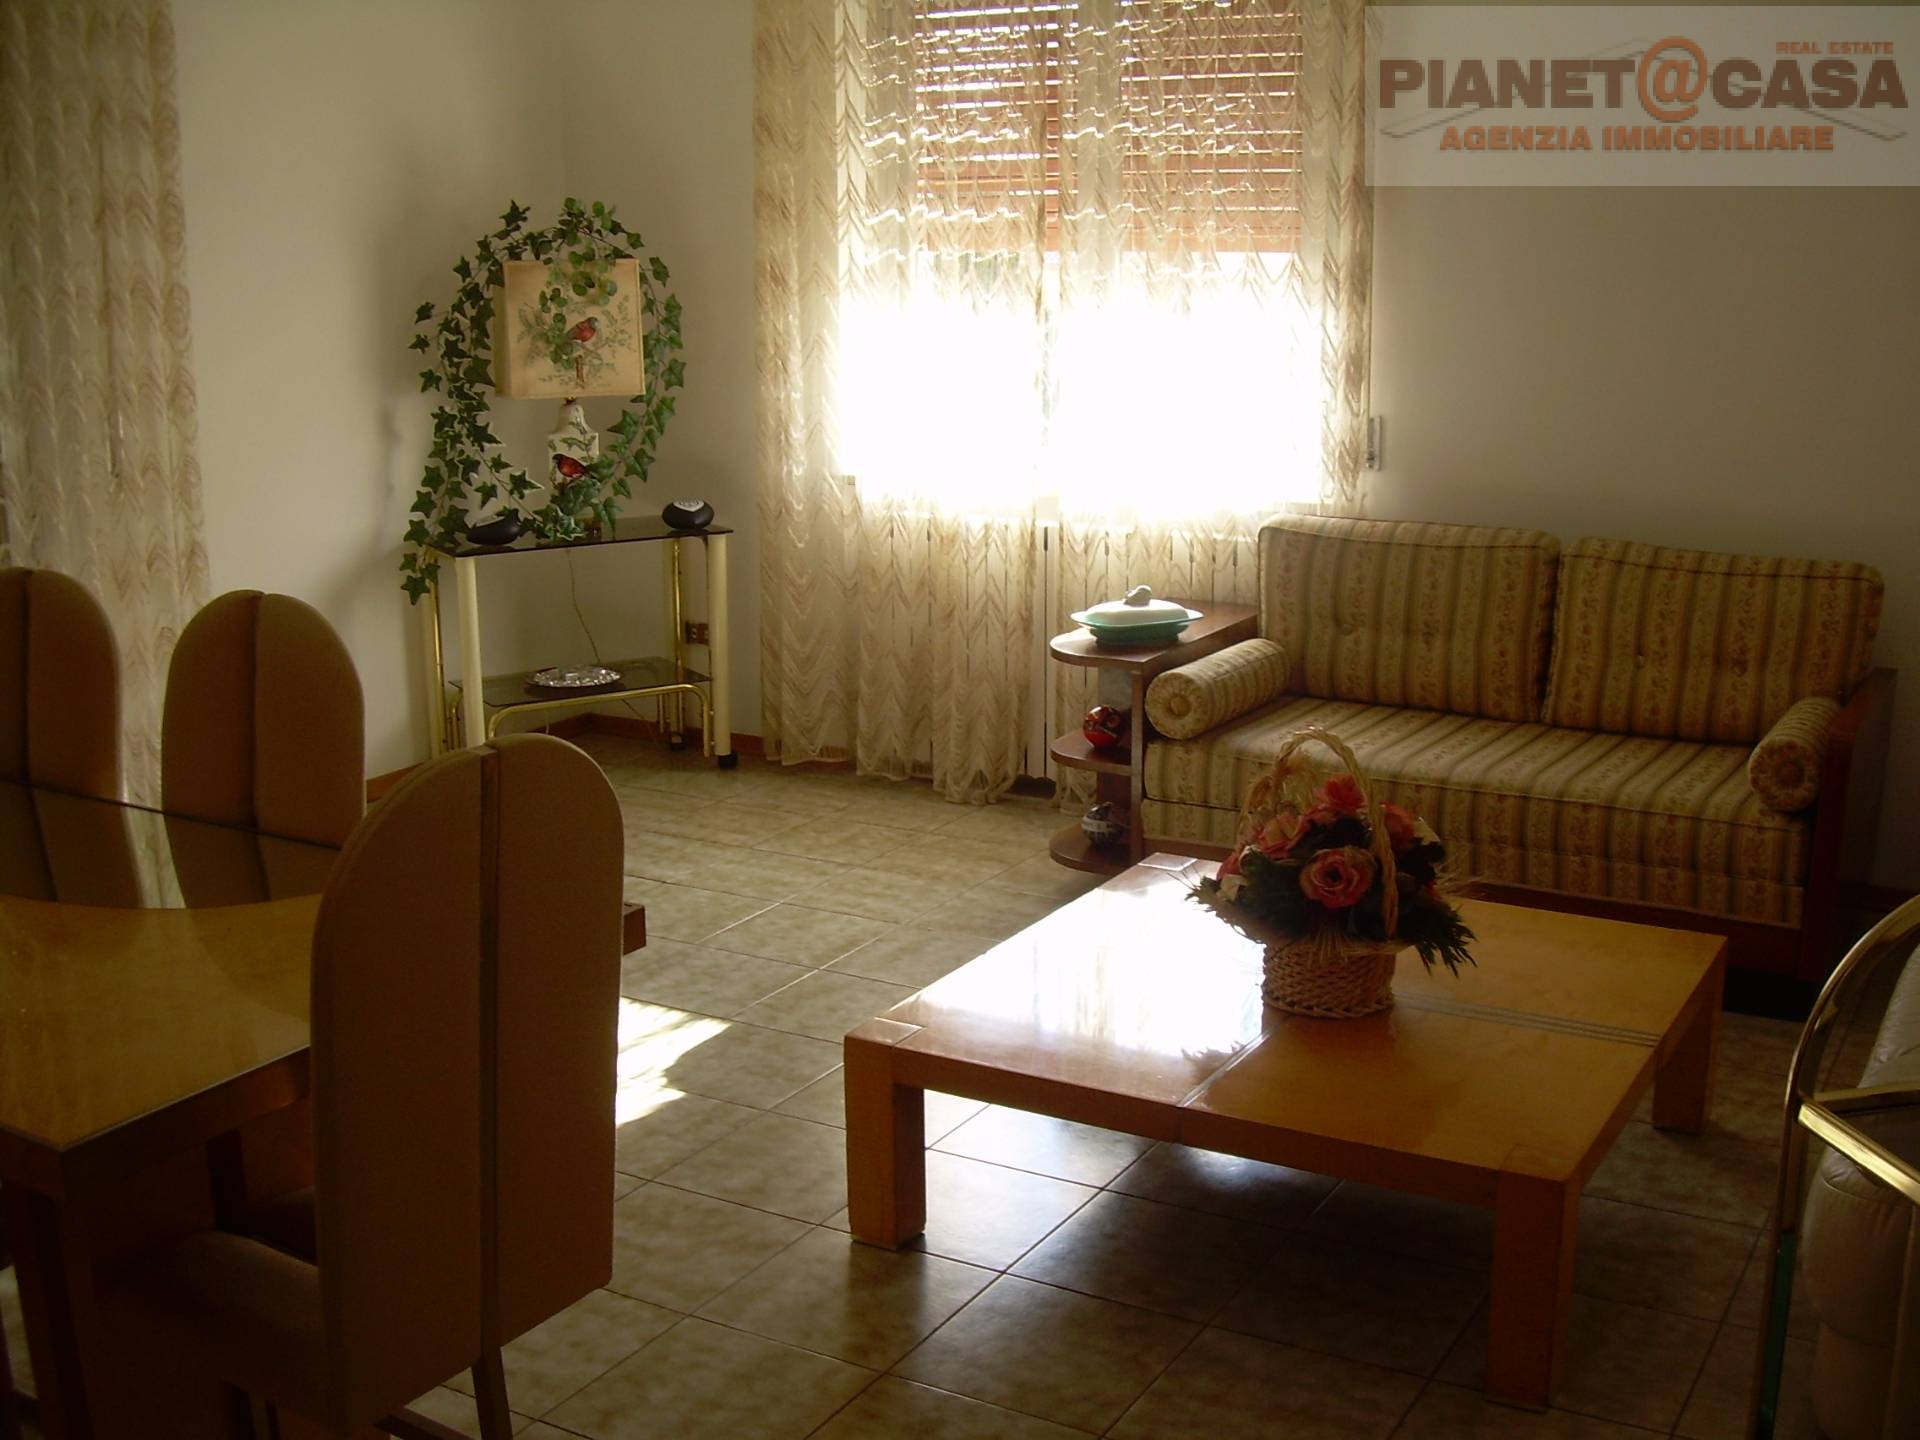 Appartamento in affitto a Monsampolo del Tronto, 4 locali, zona Località: STELLA, prezzo € 450 | Cambio Casa.it